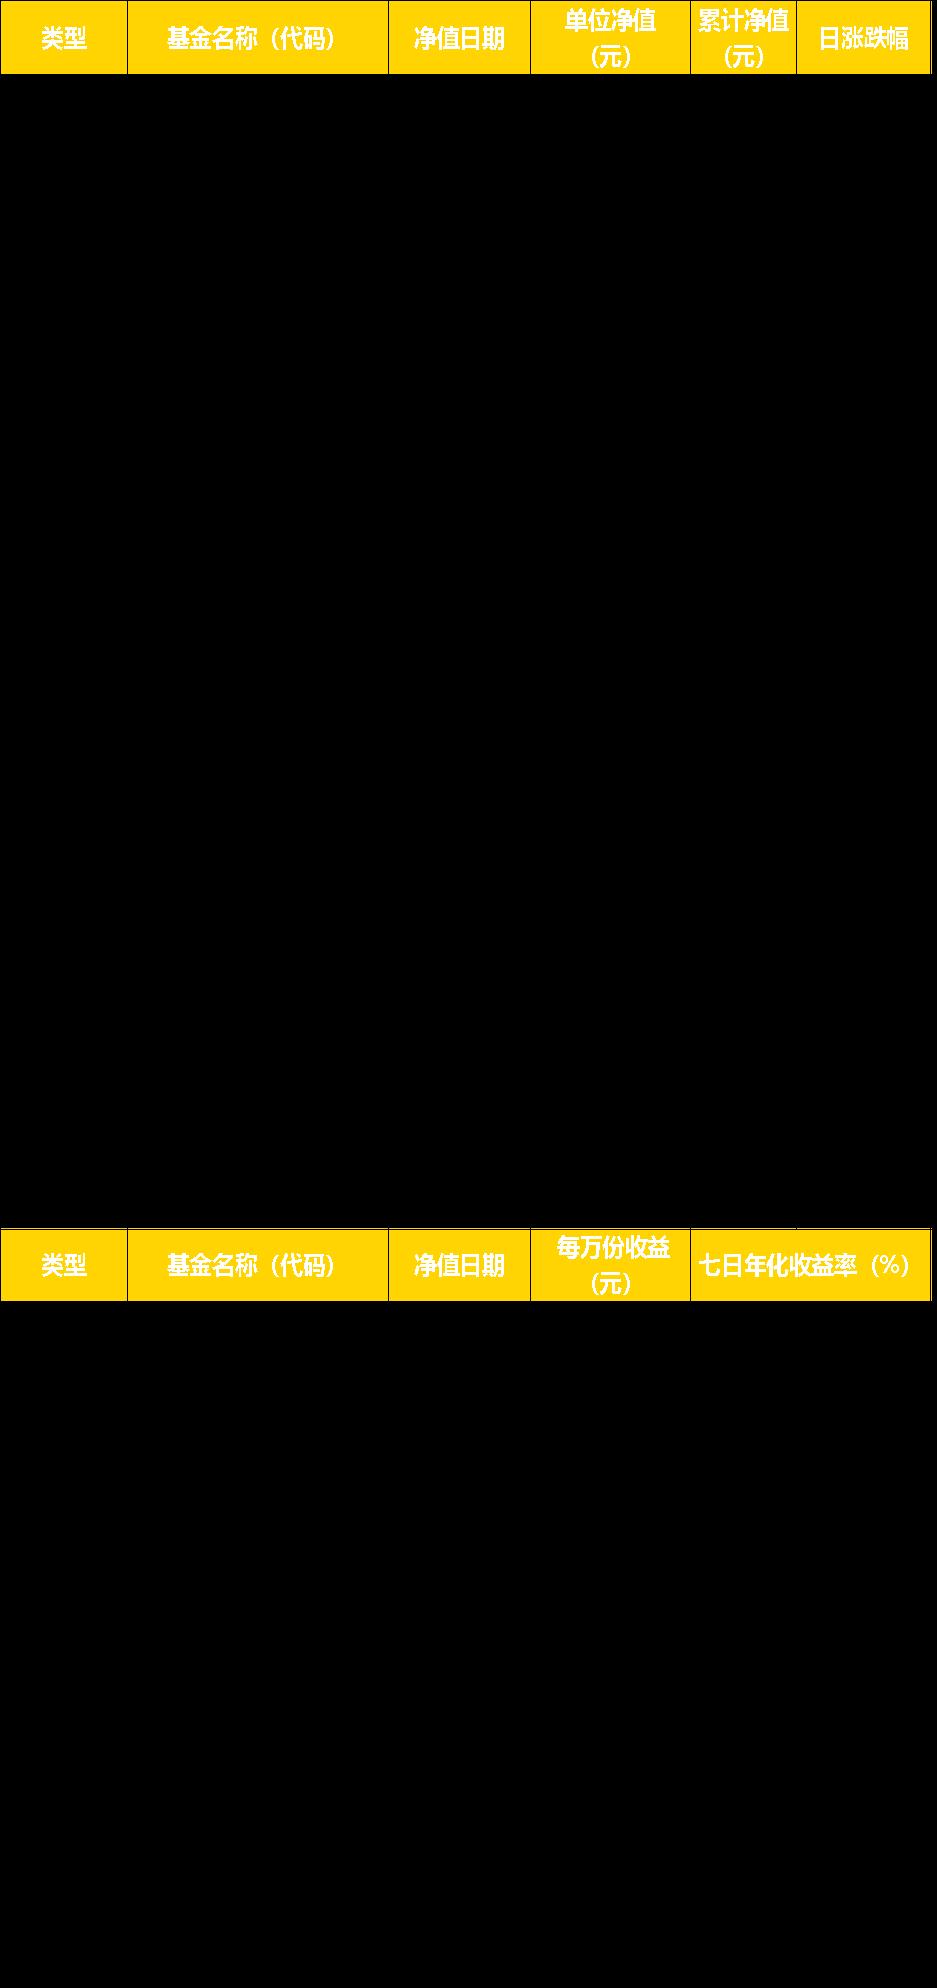 兴•料 | 信贷结构持续优化!